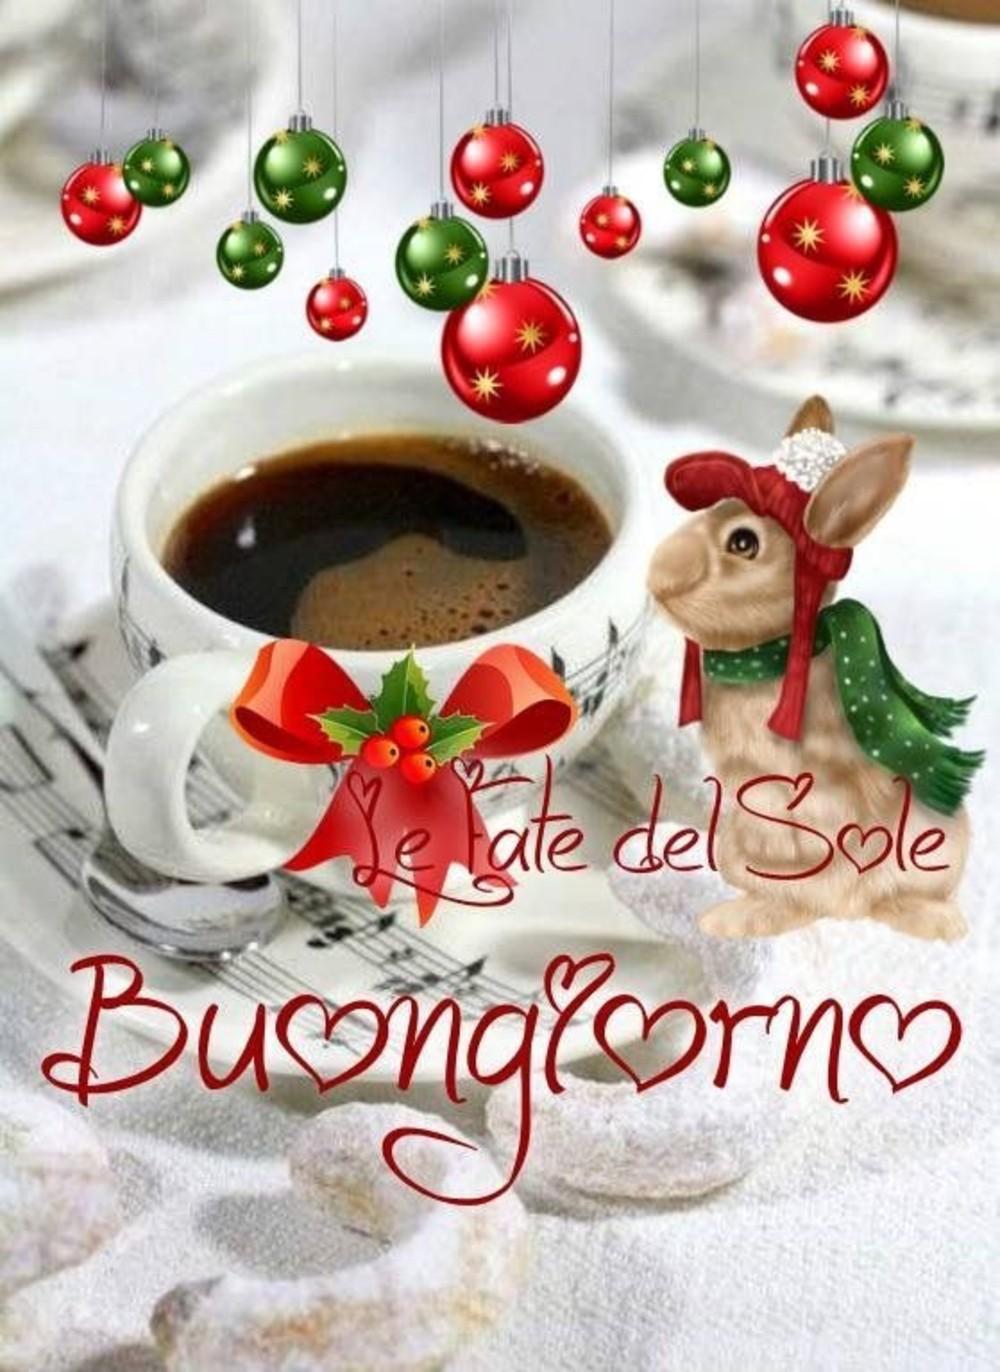 Buongiorno Immagini Natalizie.Buongiorno Il Natale Si Avvicina 7239 Buongiornissimocaffe It